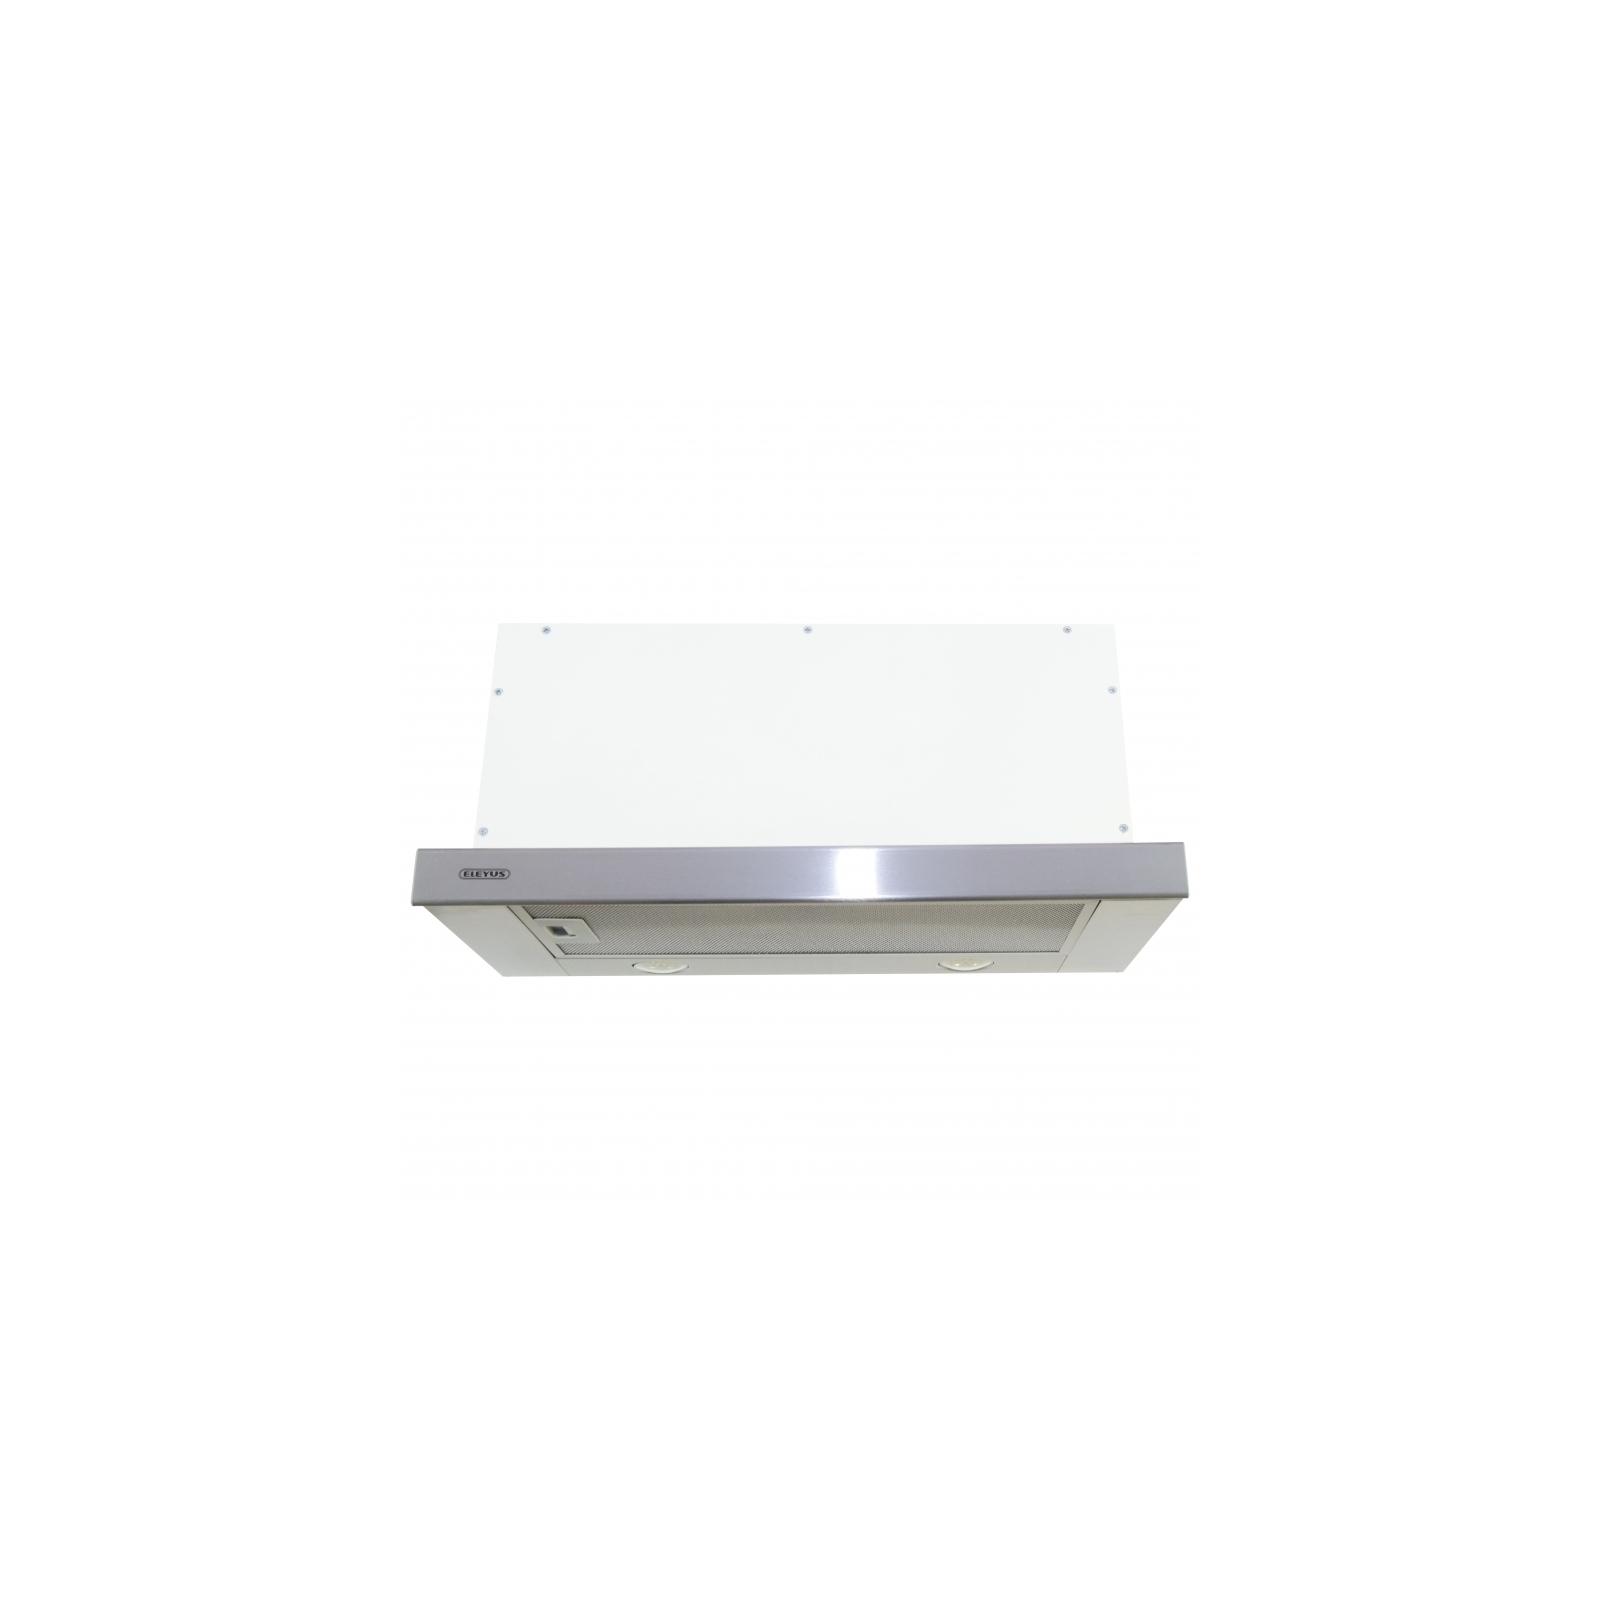 Вытяжка кухонная ELEYUS Storm 1200 LED 60 IS изображение 3